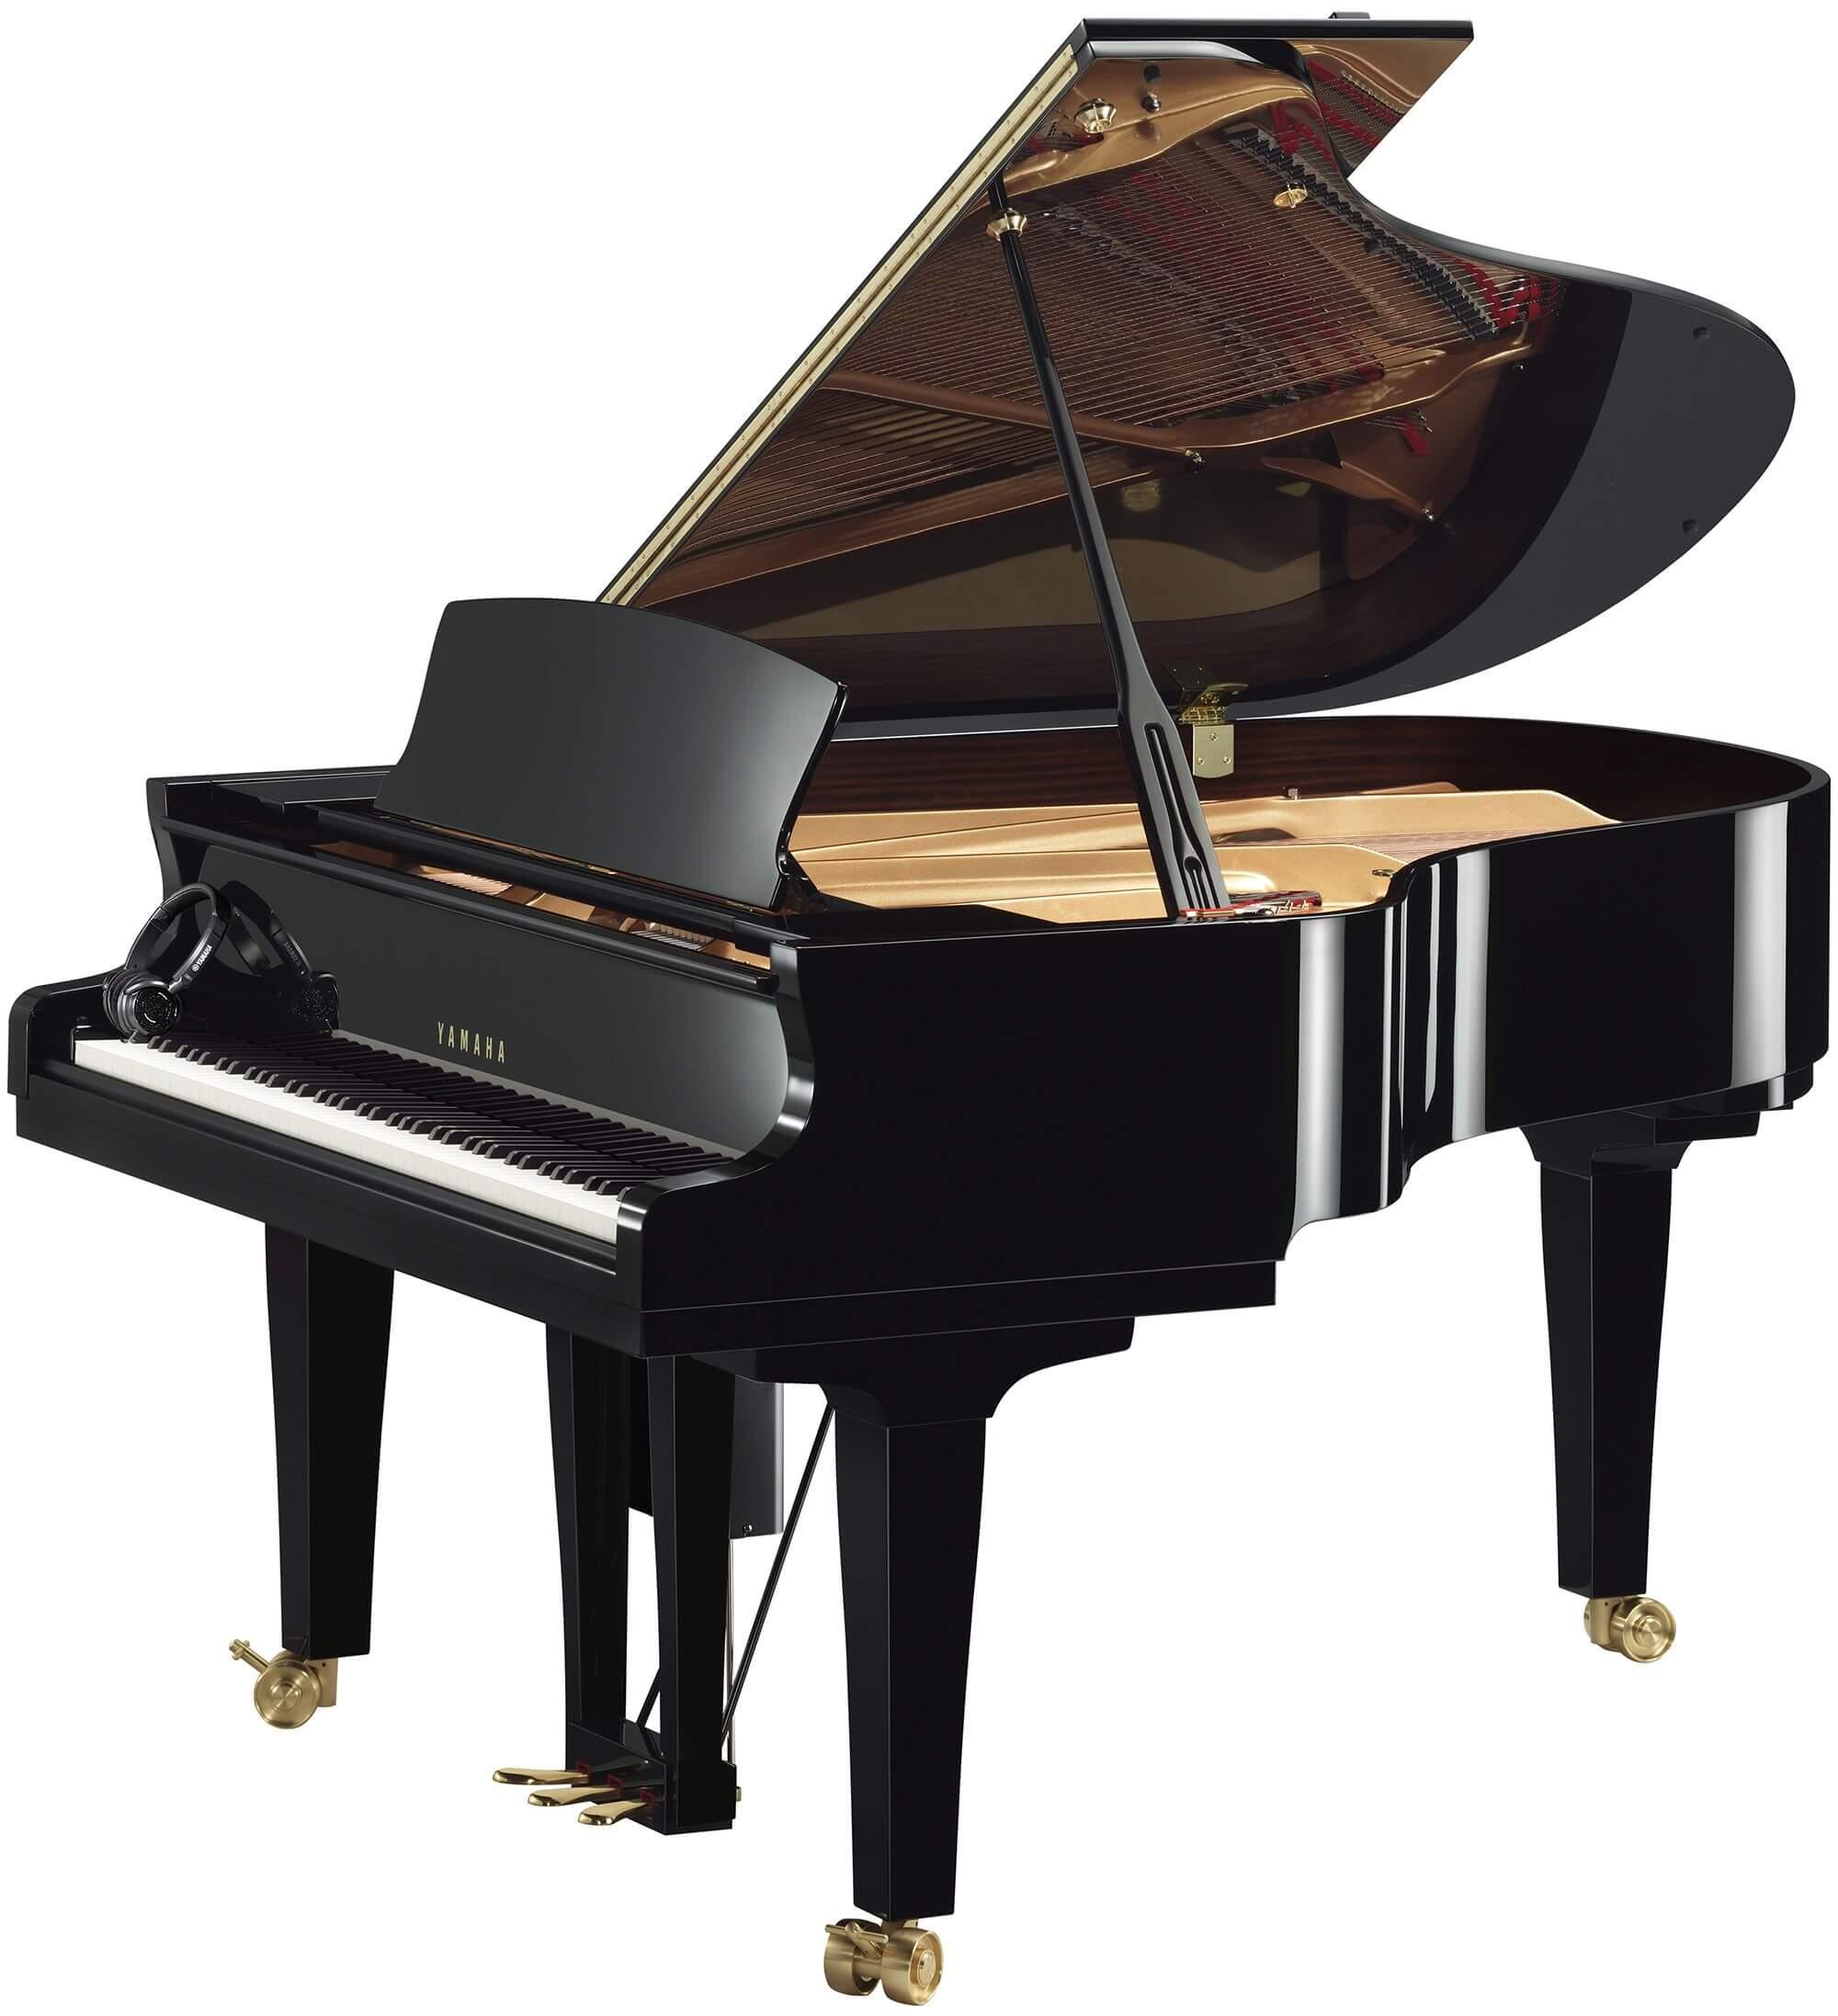 Piano de Cola Disklavier Yamaha S7X ENSPIRE PRO